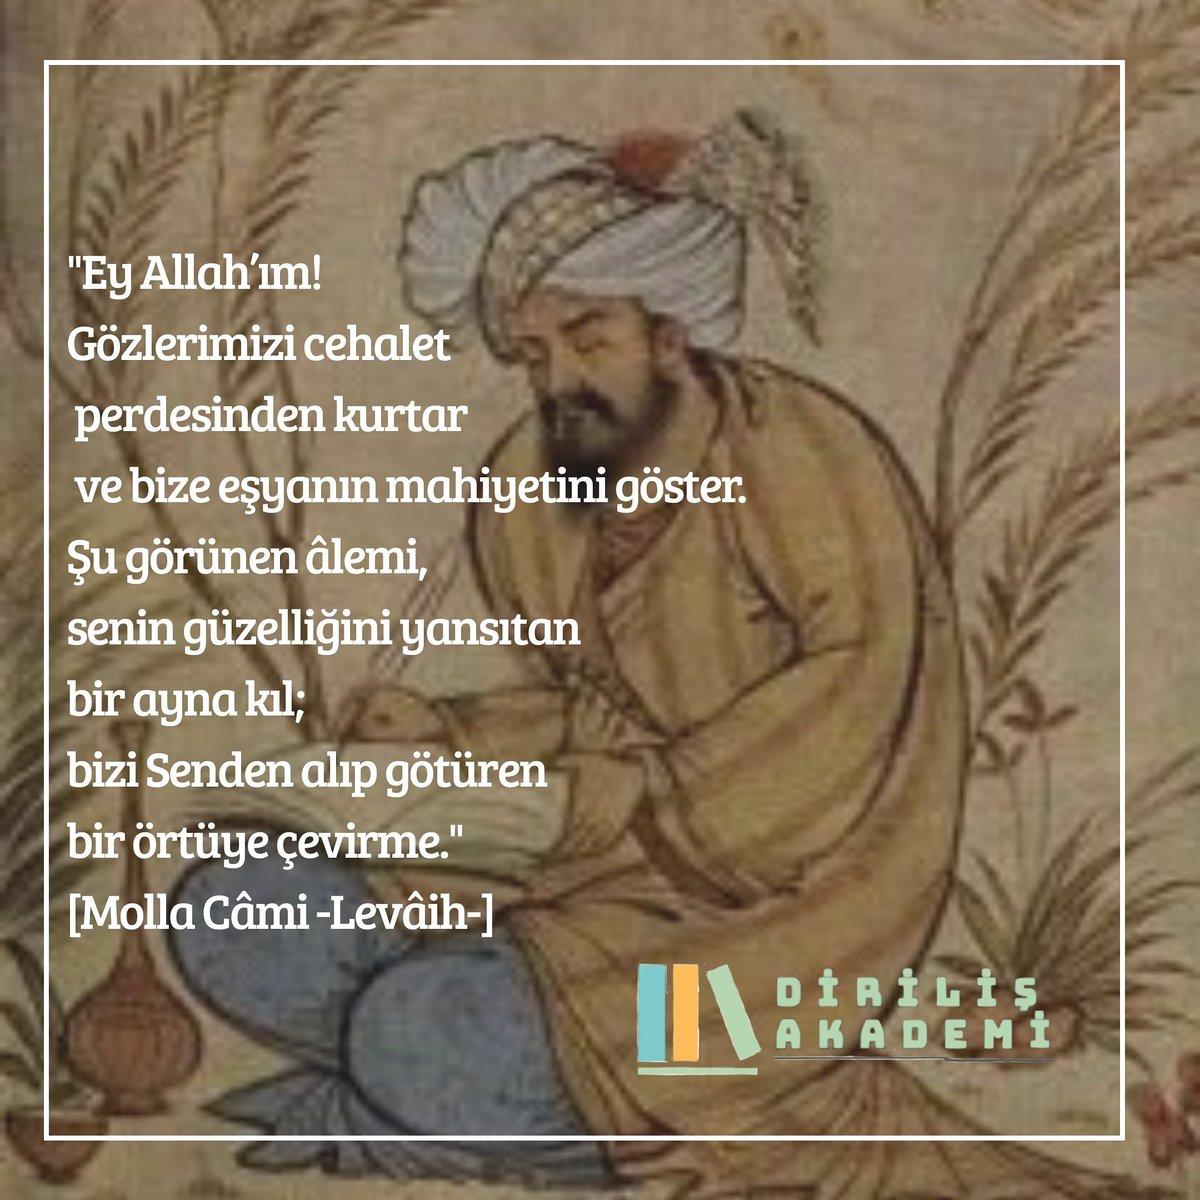 #mollacami #dirilis #kahta #adıyaman #kahtaiyc #ilimyayma #egitimledirilis #kitap #klasiklerimiz #hayatevesıgar #maske #sosyalmesafe https://t.co/ezSu17KPu4